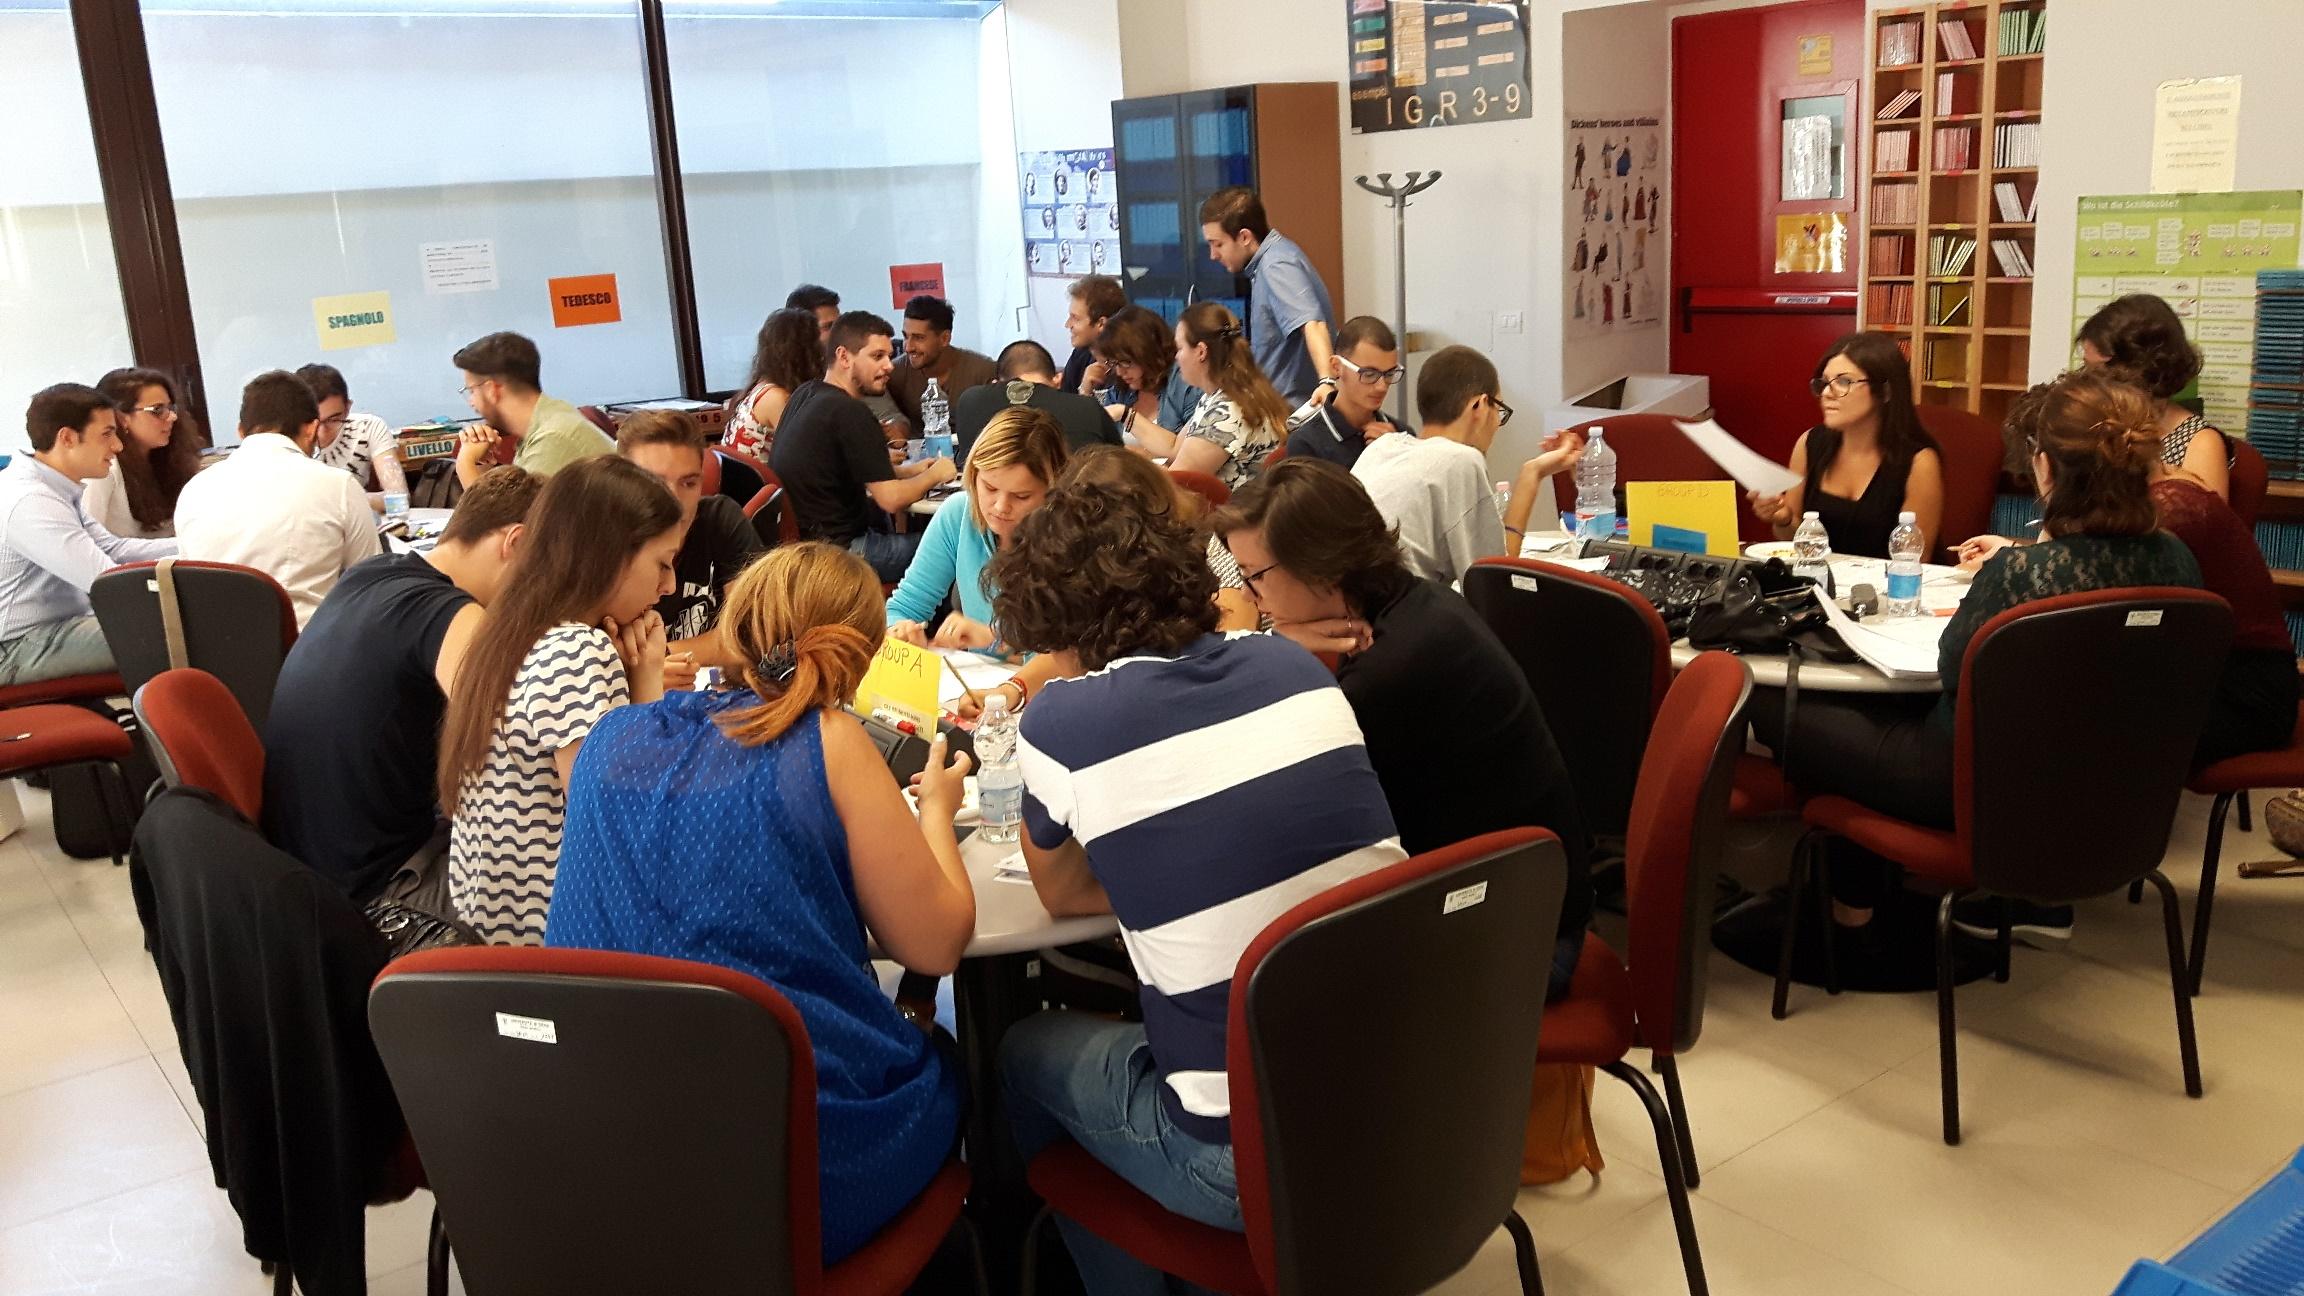 Corso di inglese full immersion all'Università di Siena per trenta studenti che si sono preimmatricolati